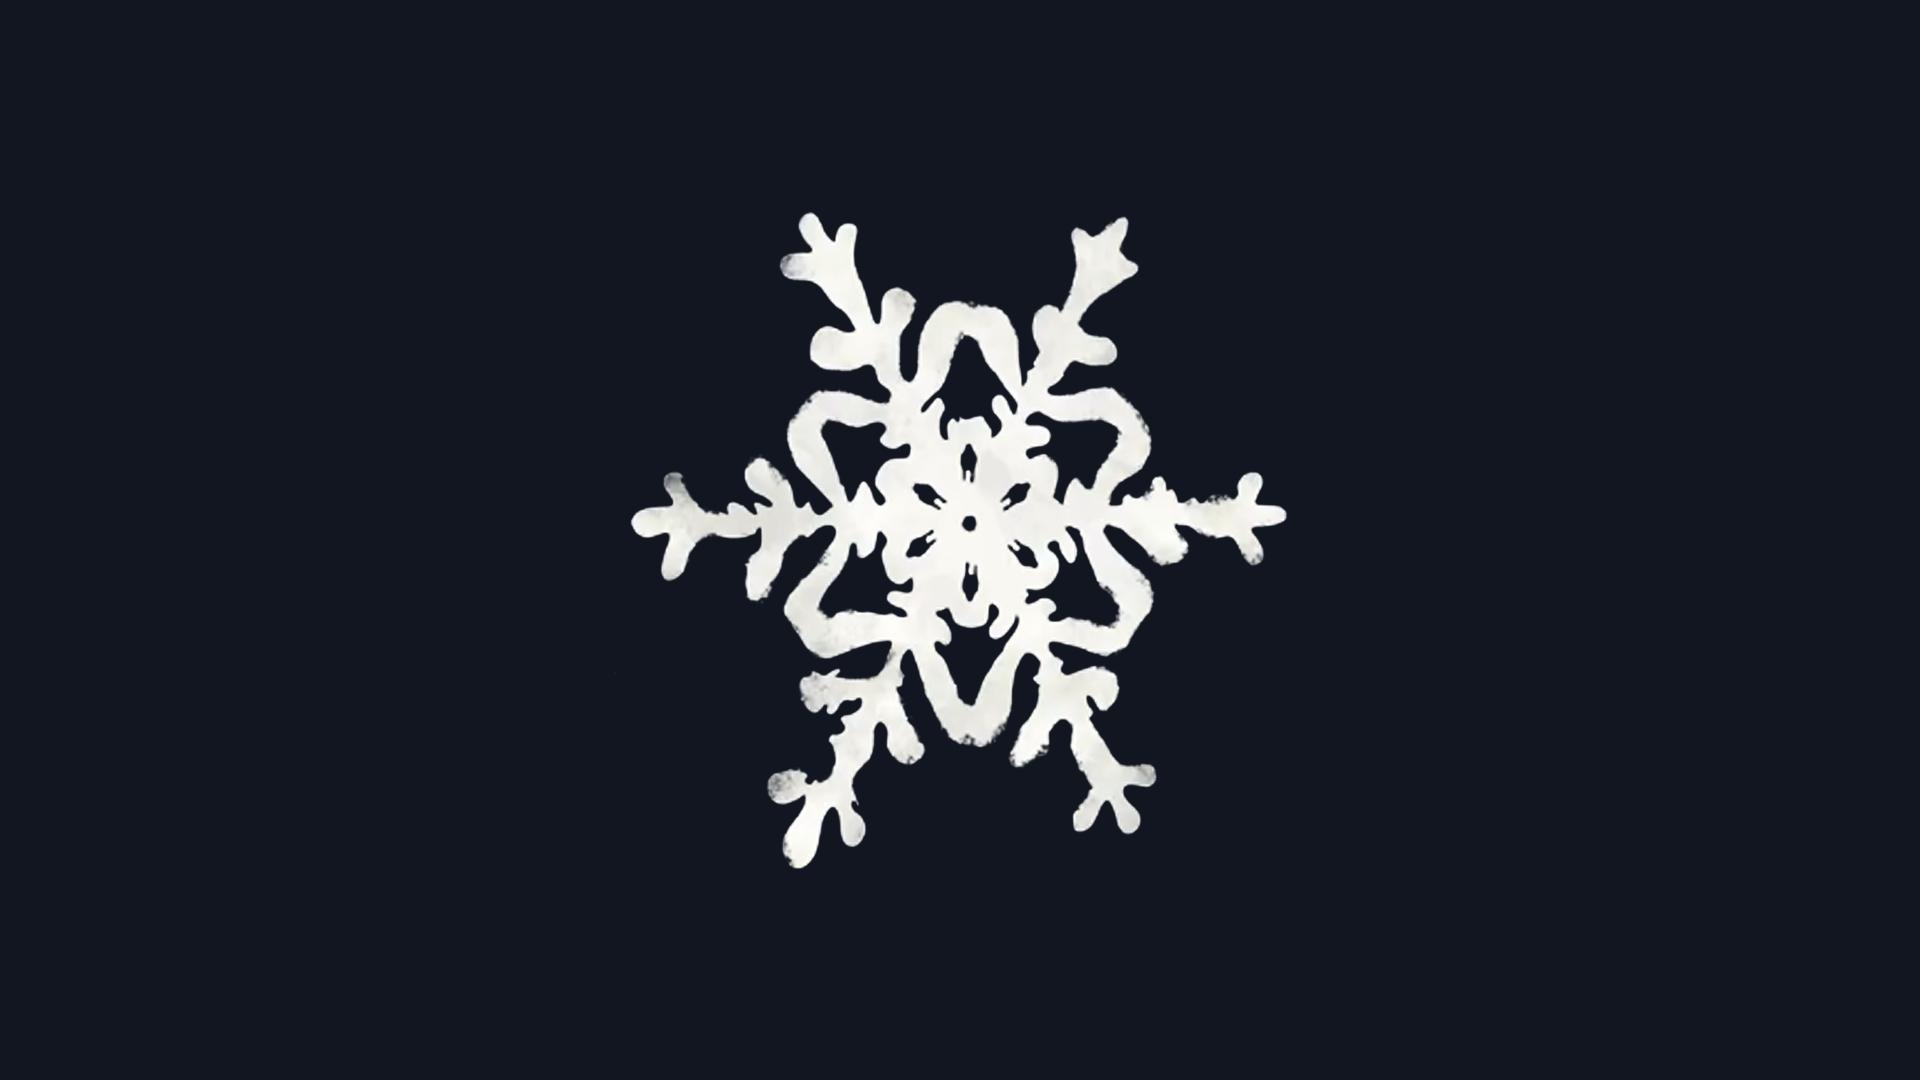 sne-tuhmb2.jpg